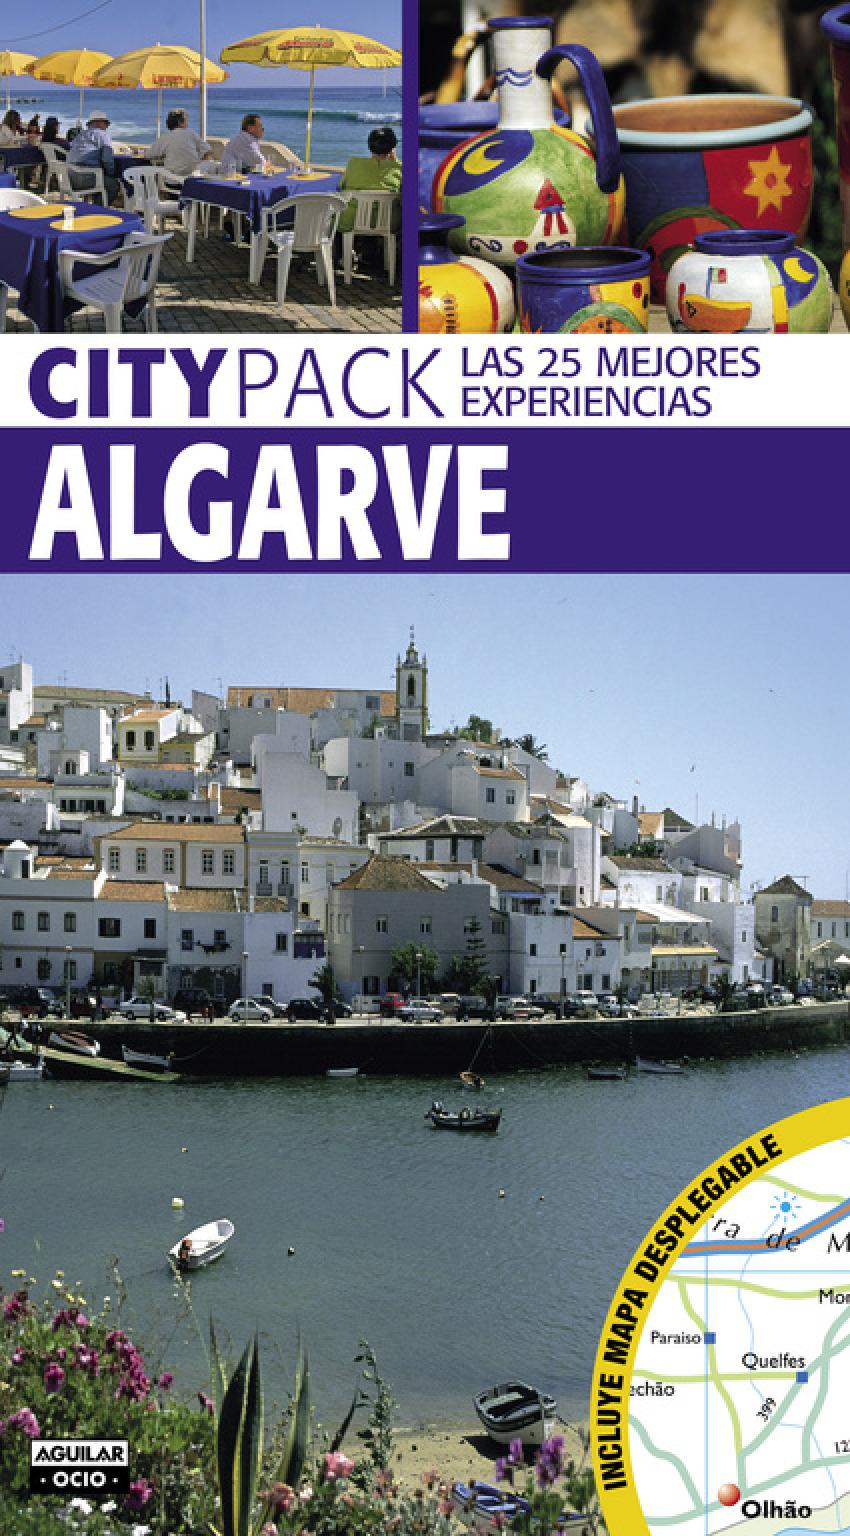 Algarve 2017 incluye plano desplegable - Vv.Aa.